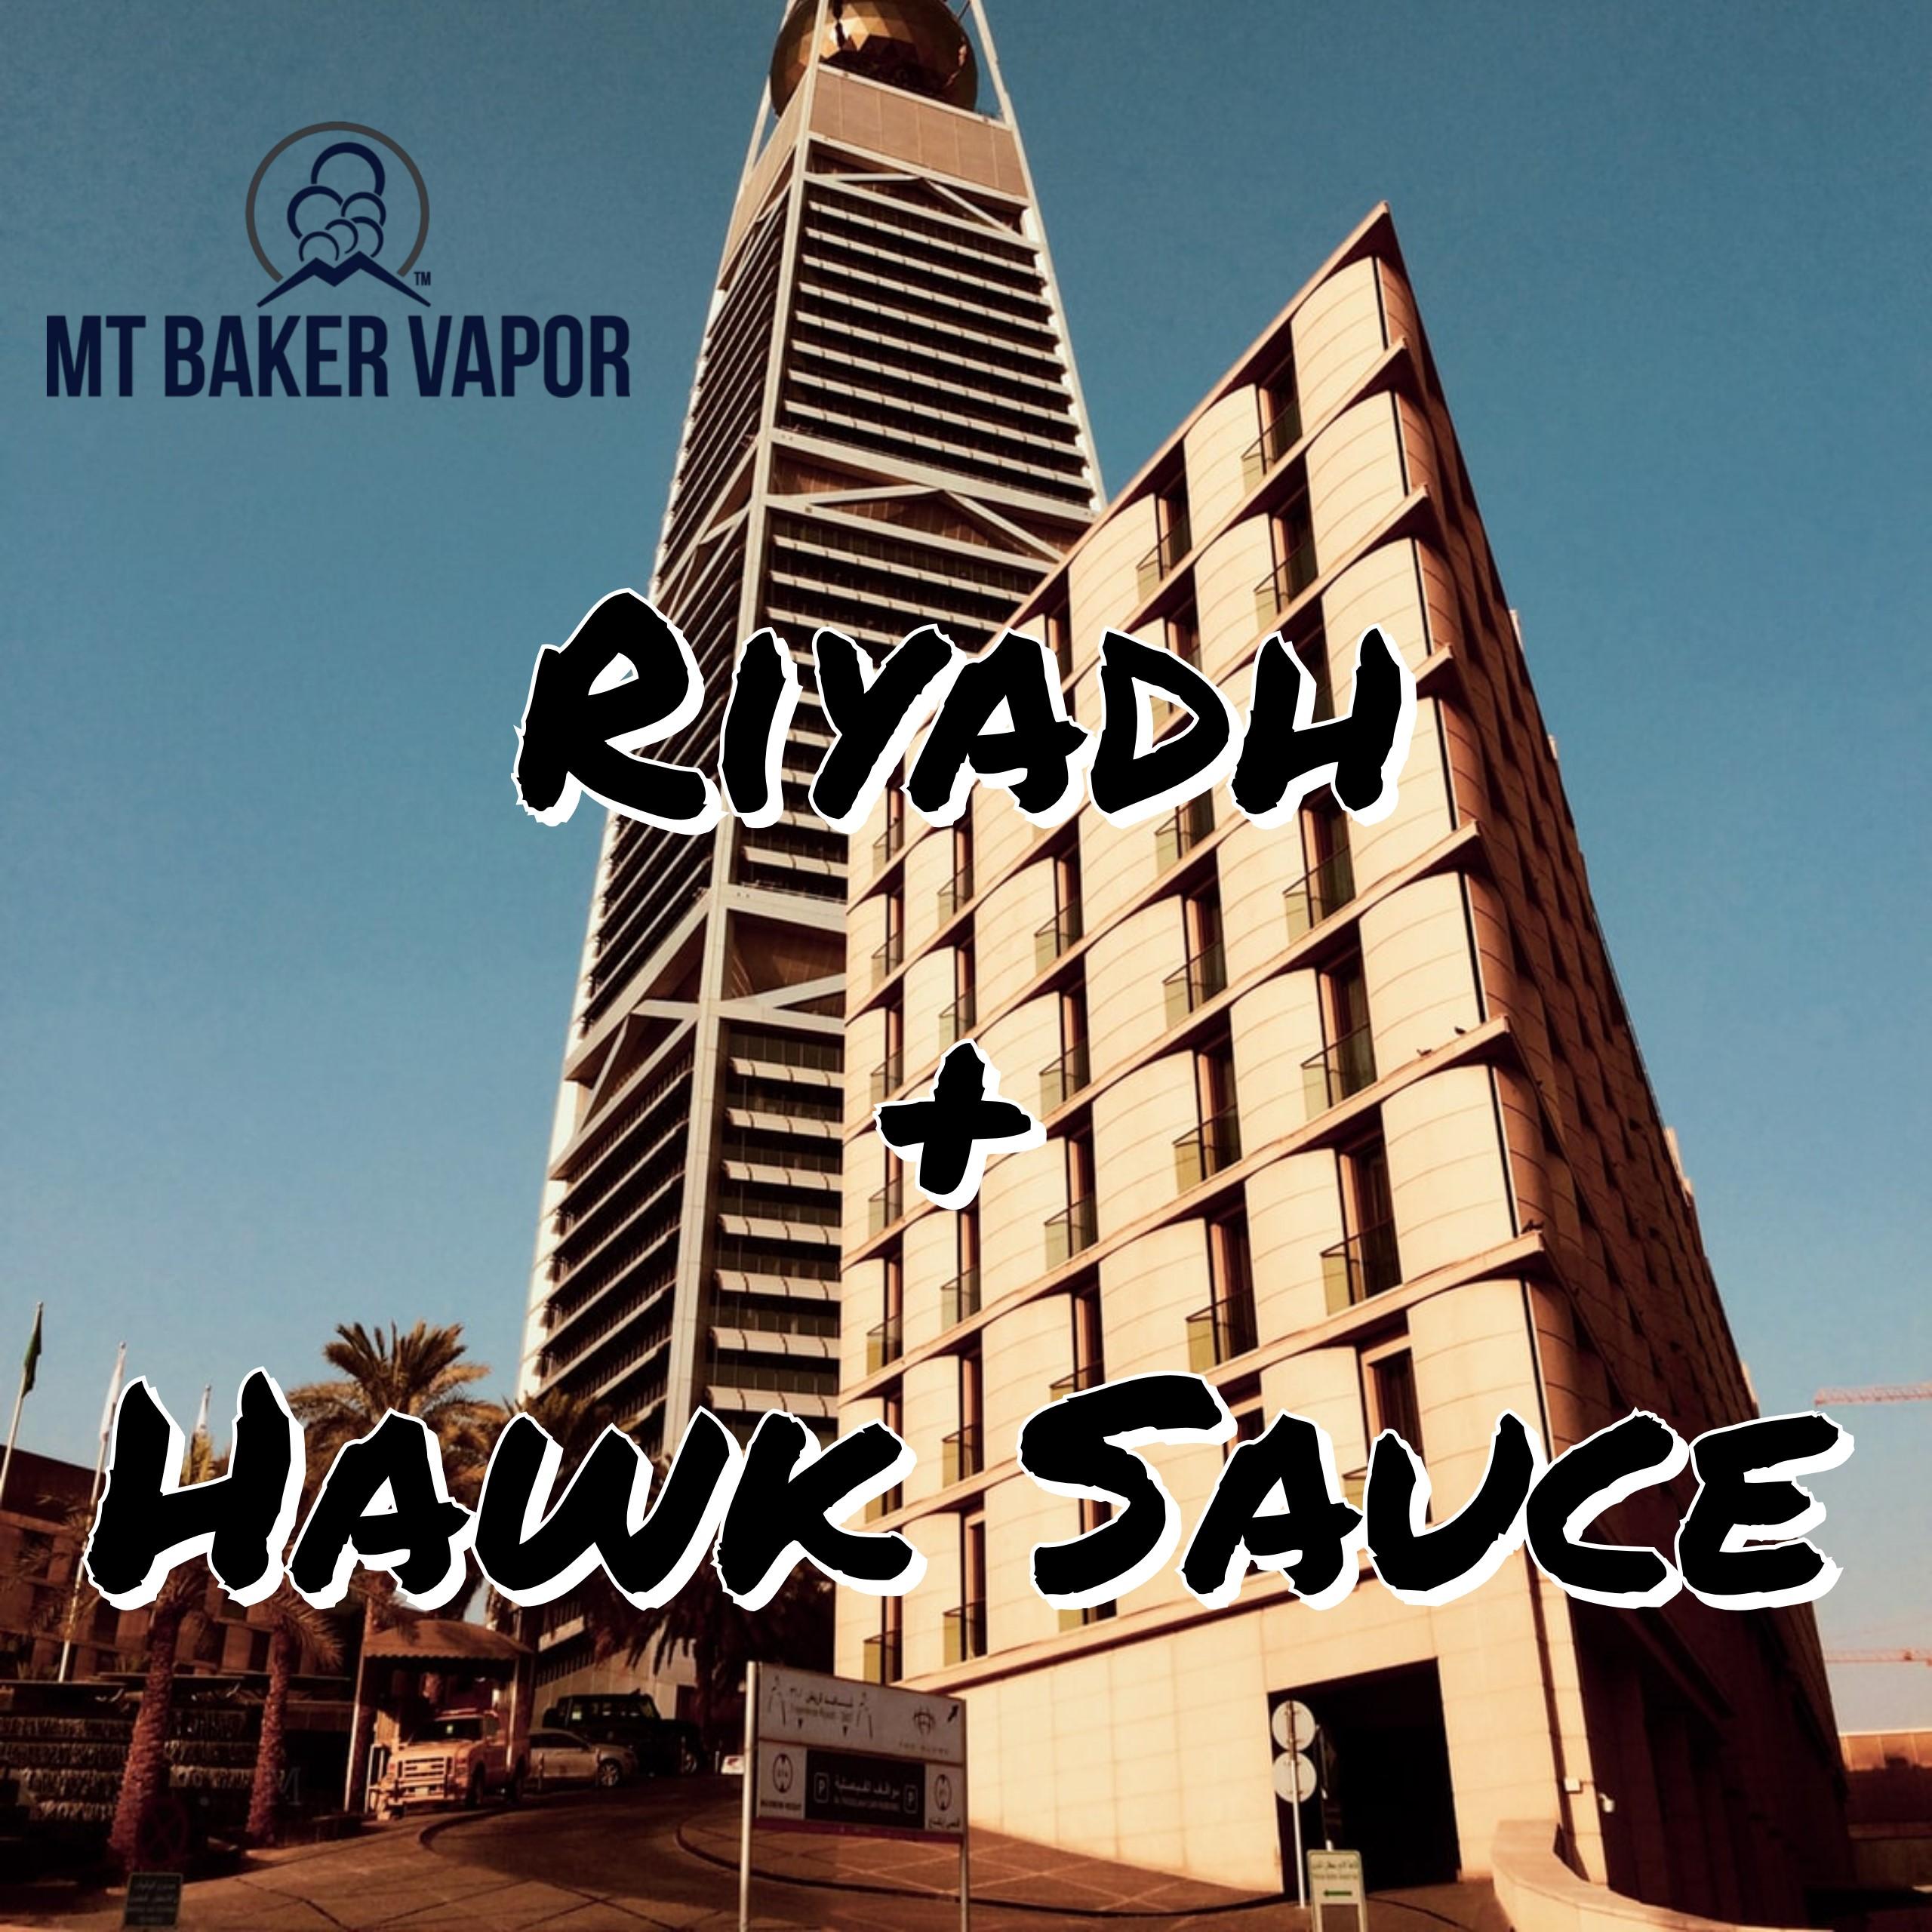 Riyadh and Hawk Sauce